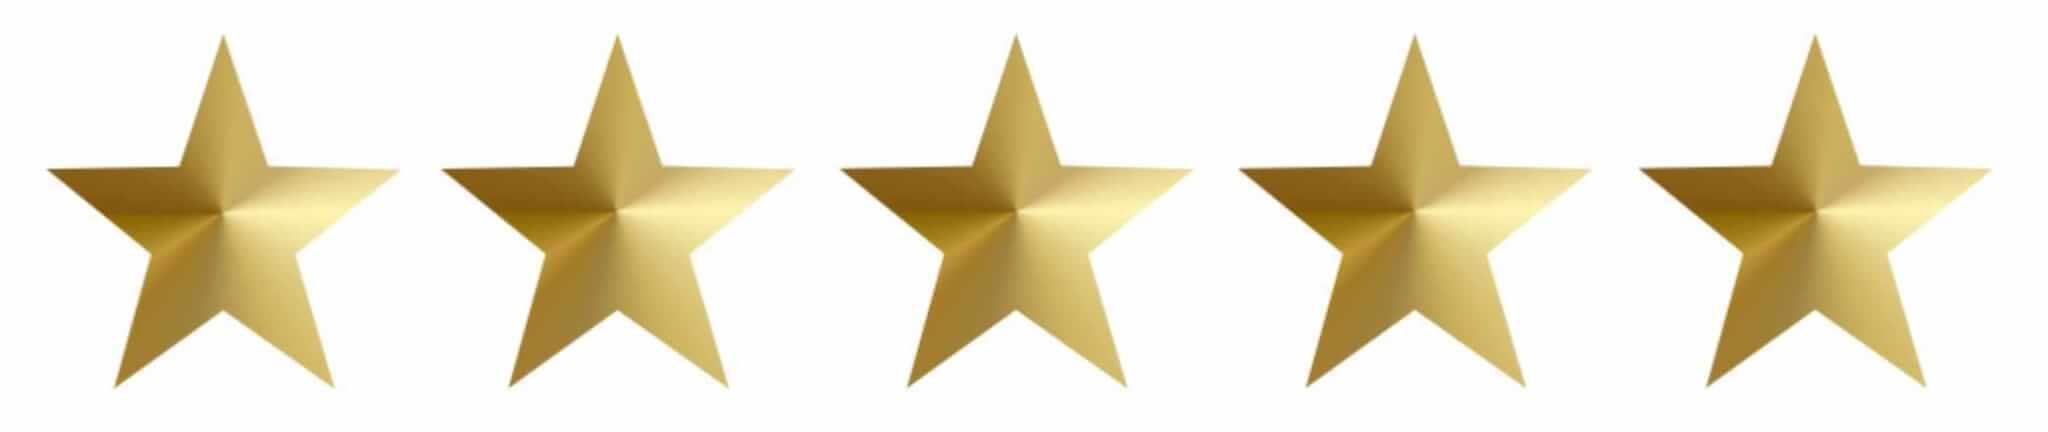 Sterne für Website